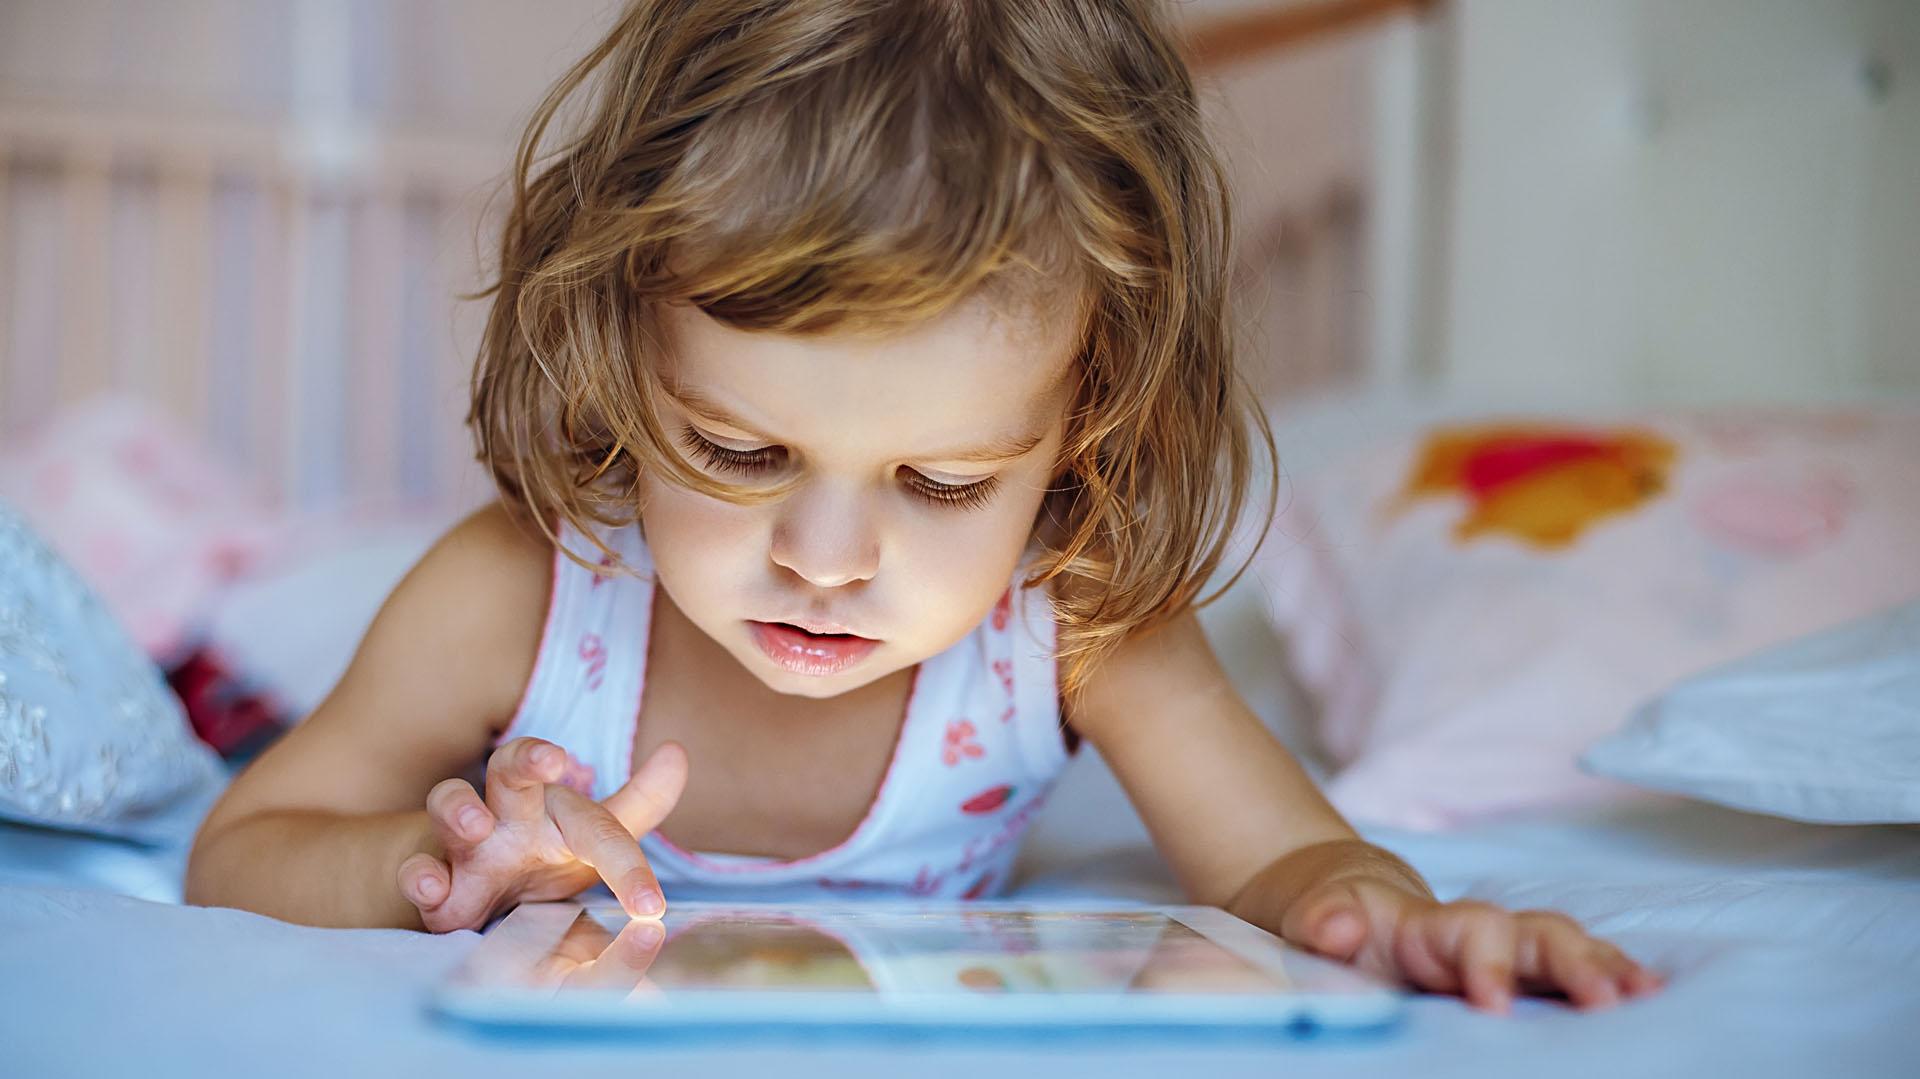 Lo determinante para poder jugar es la subjetividad de quien juega (Shutterstock)